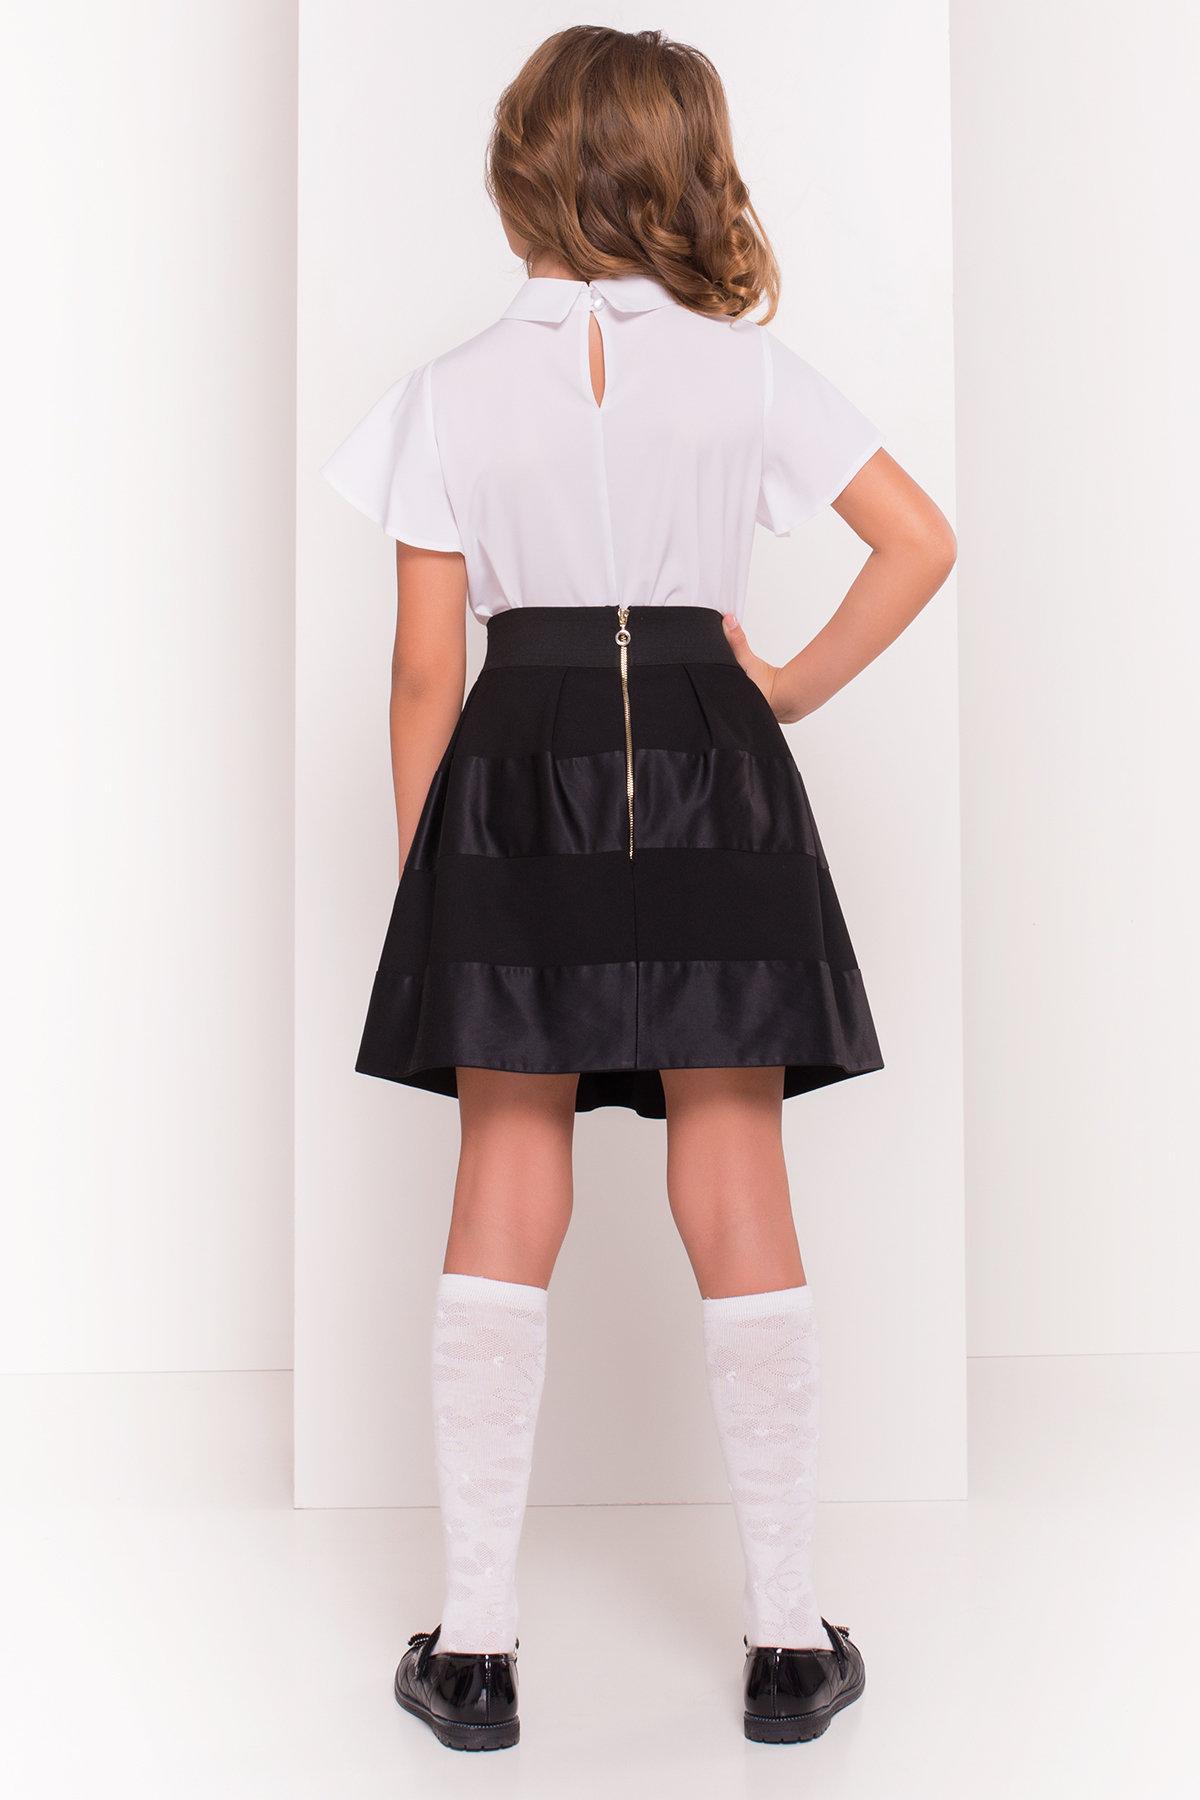 Блуза детская Зира 5135 АРТ. 36285 Цвет: Белый - фото 4, интернет магазин tm-modus.ru